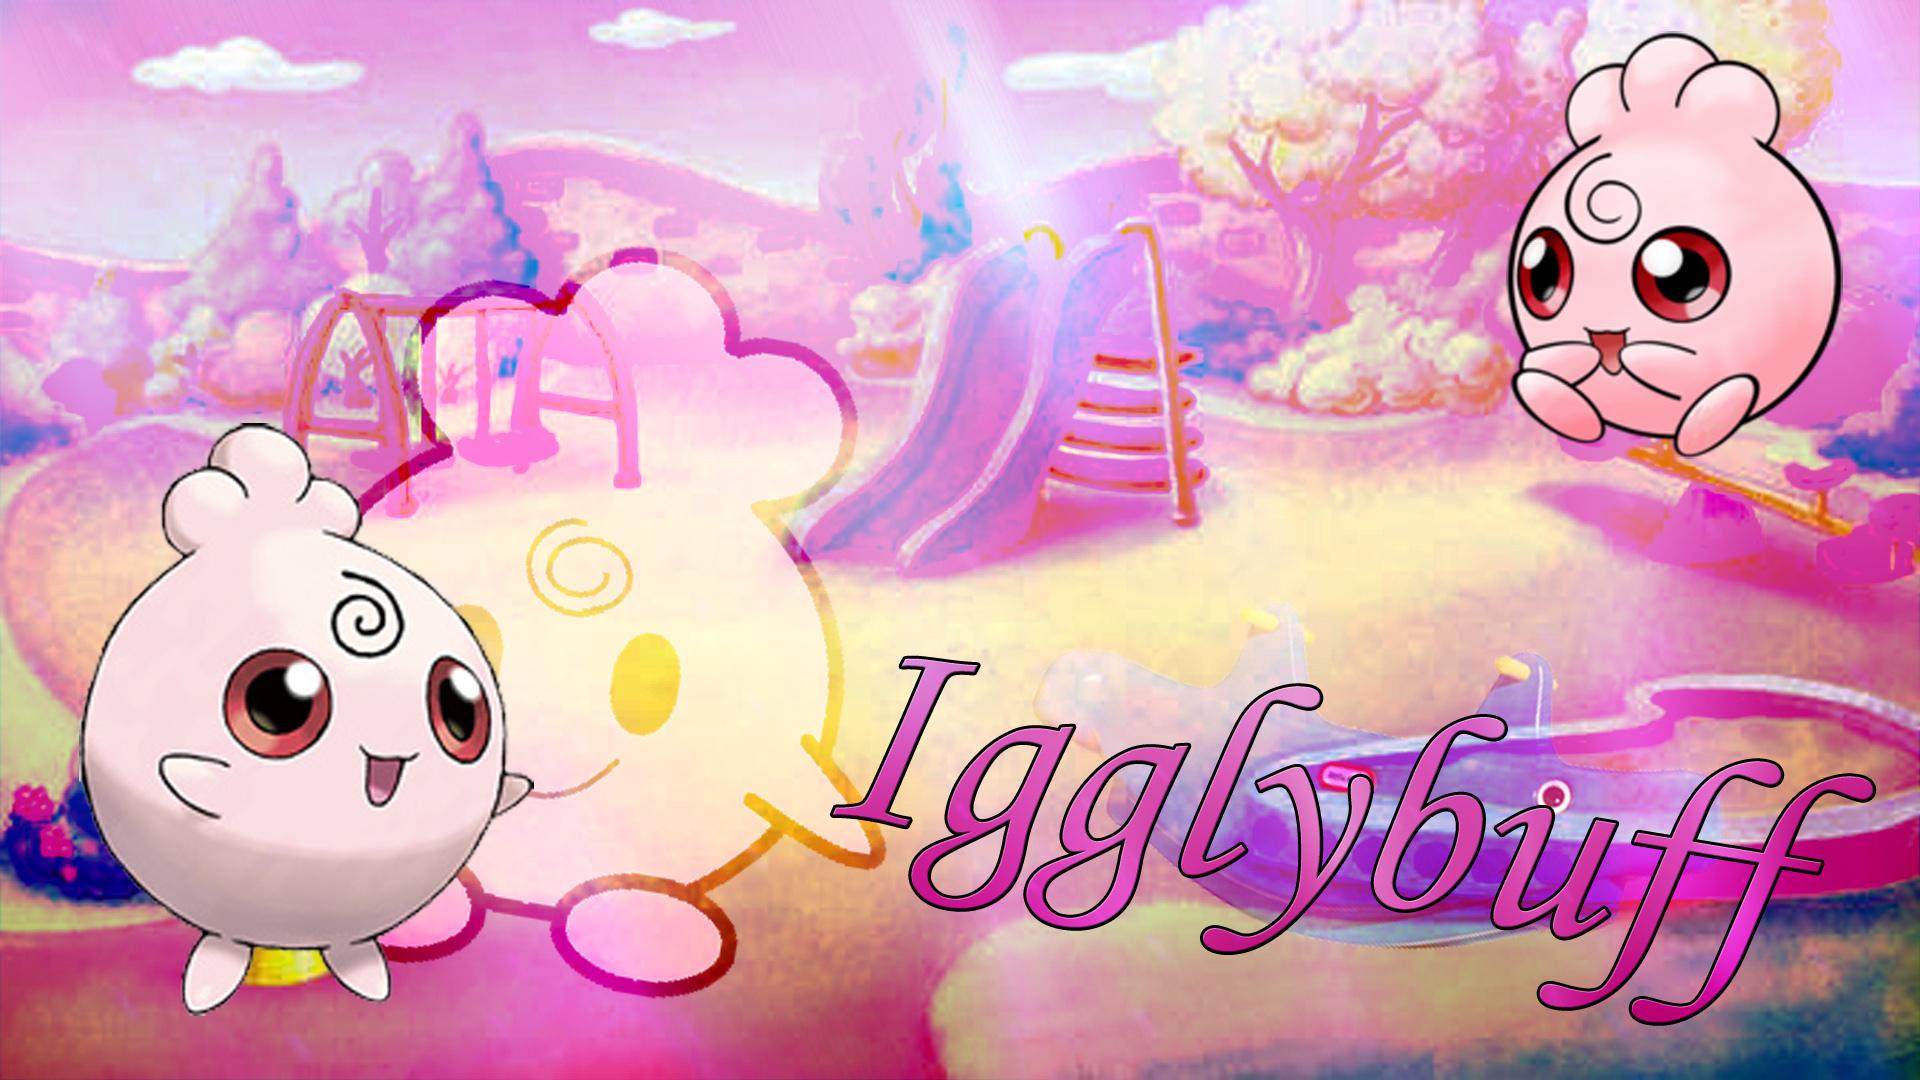 Igglybuff High Definition